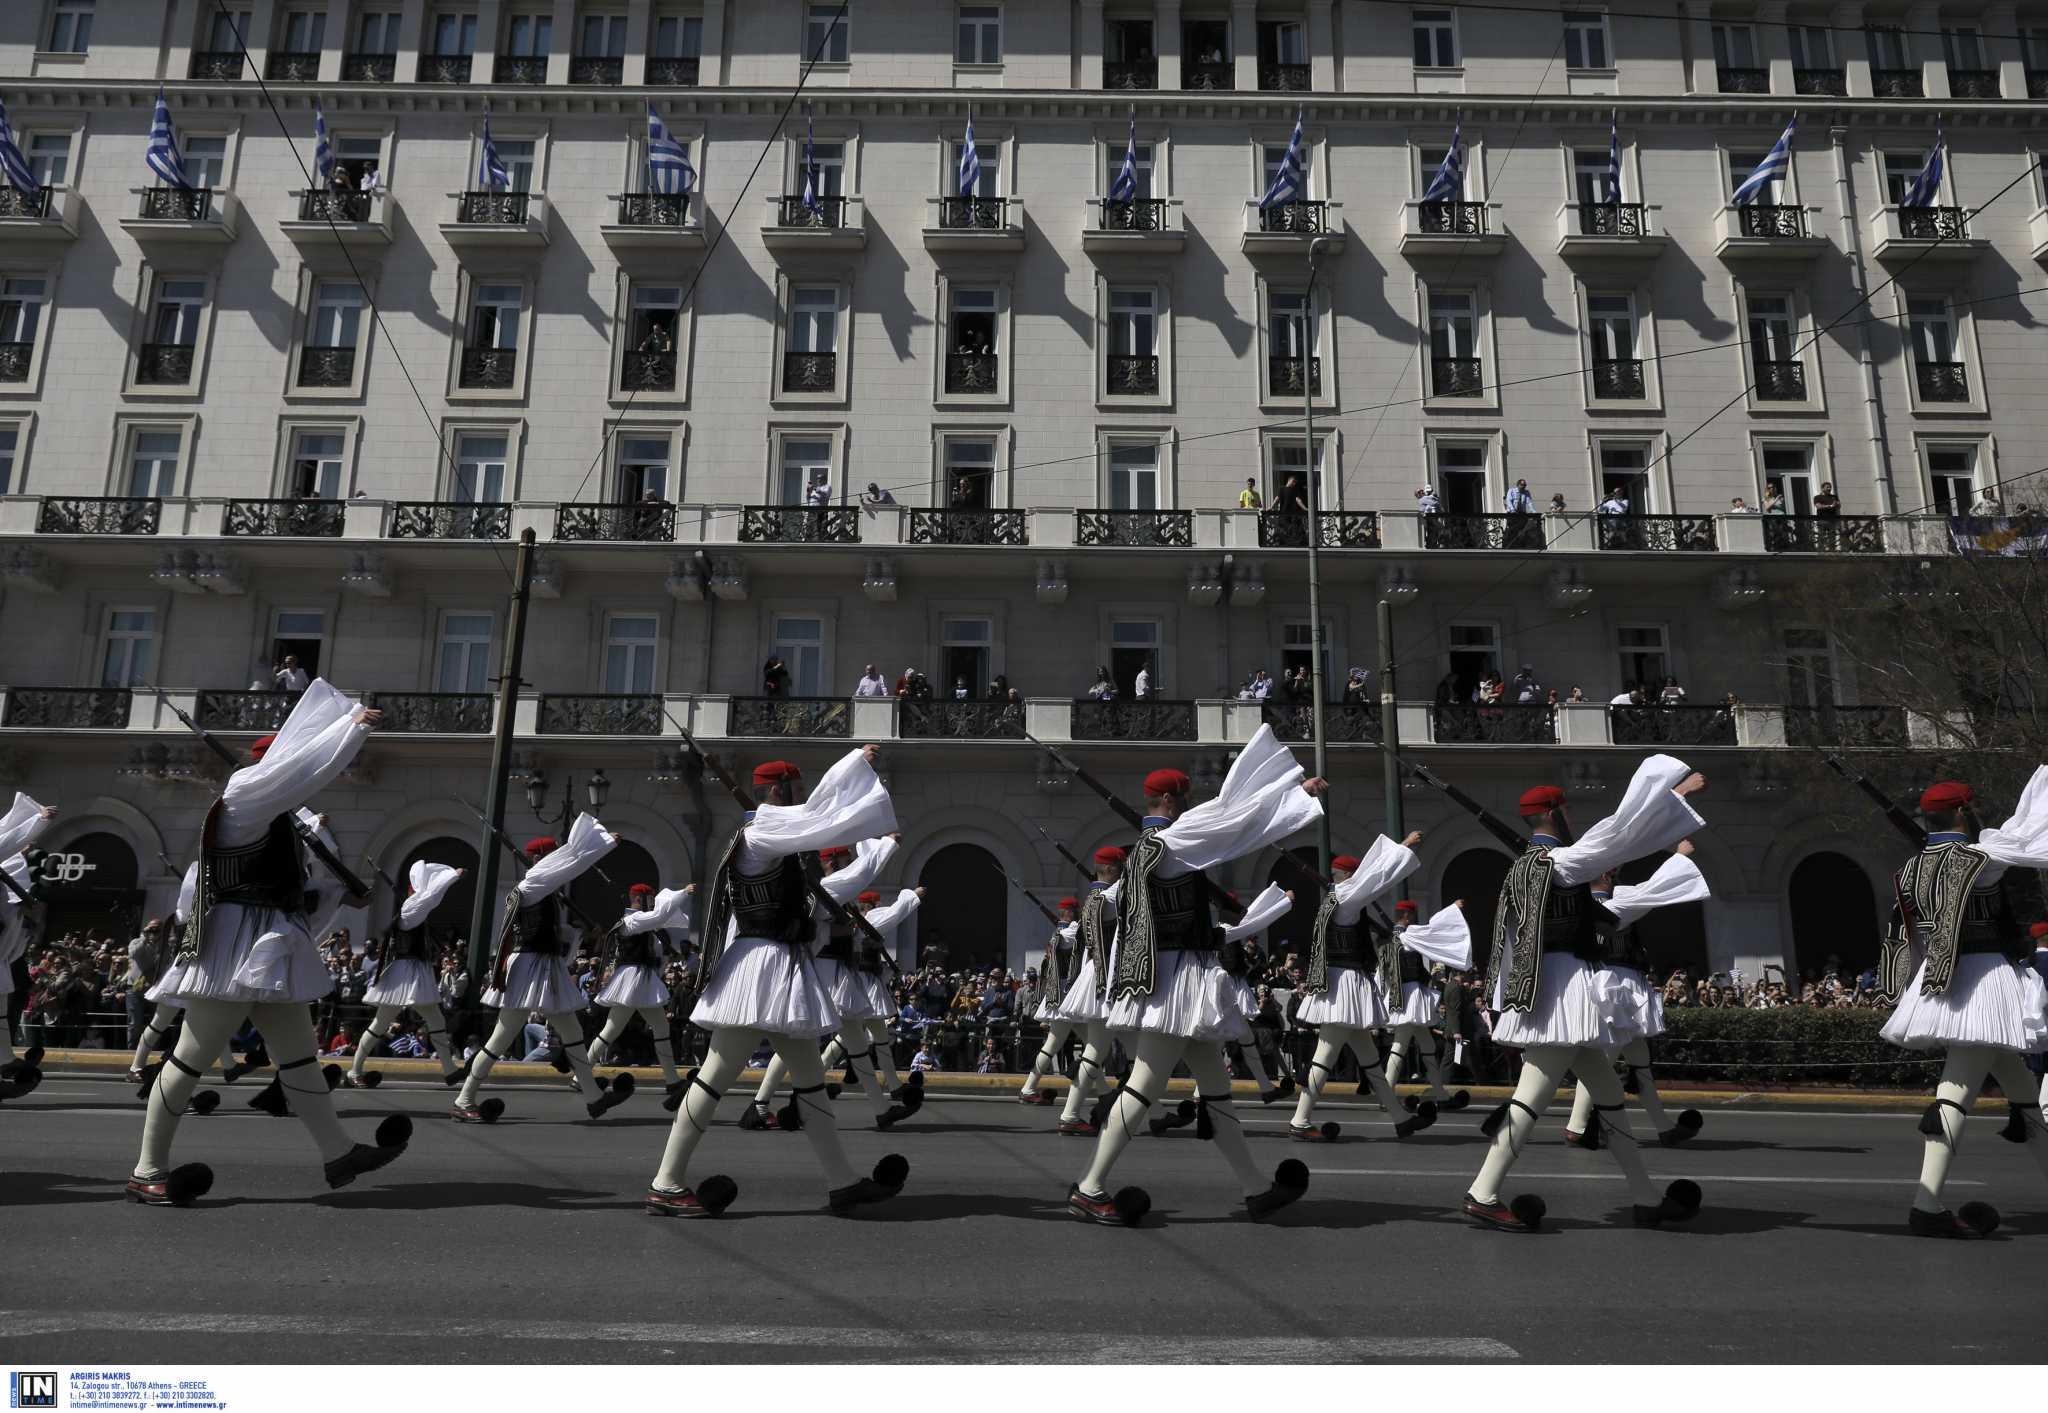 25η Μαρτίου: Μόνο στην Αθήνα στρατιωτική παρέλαση